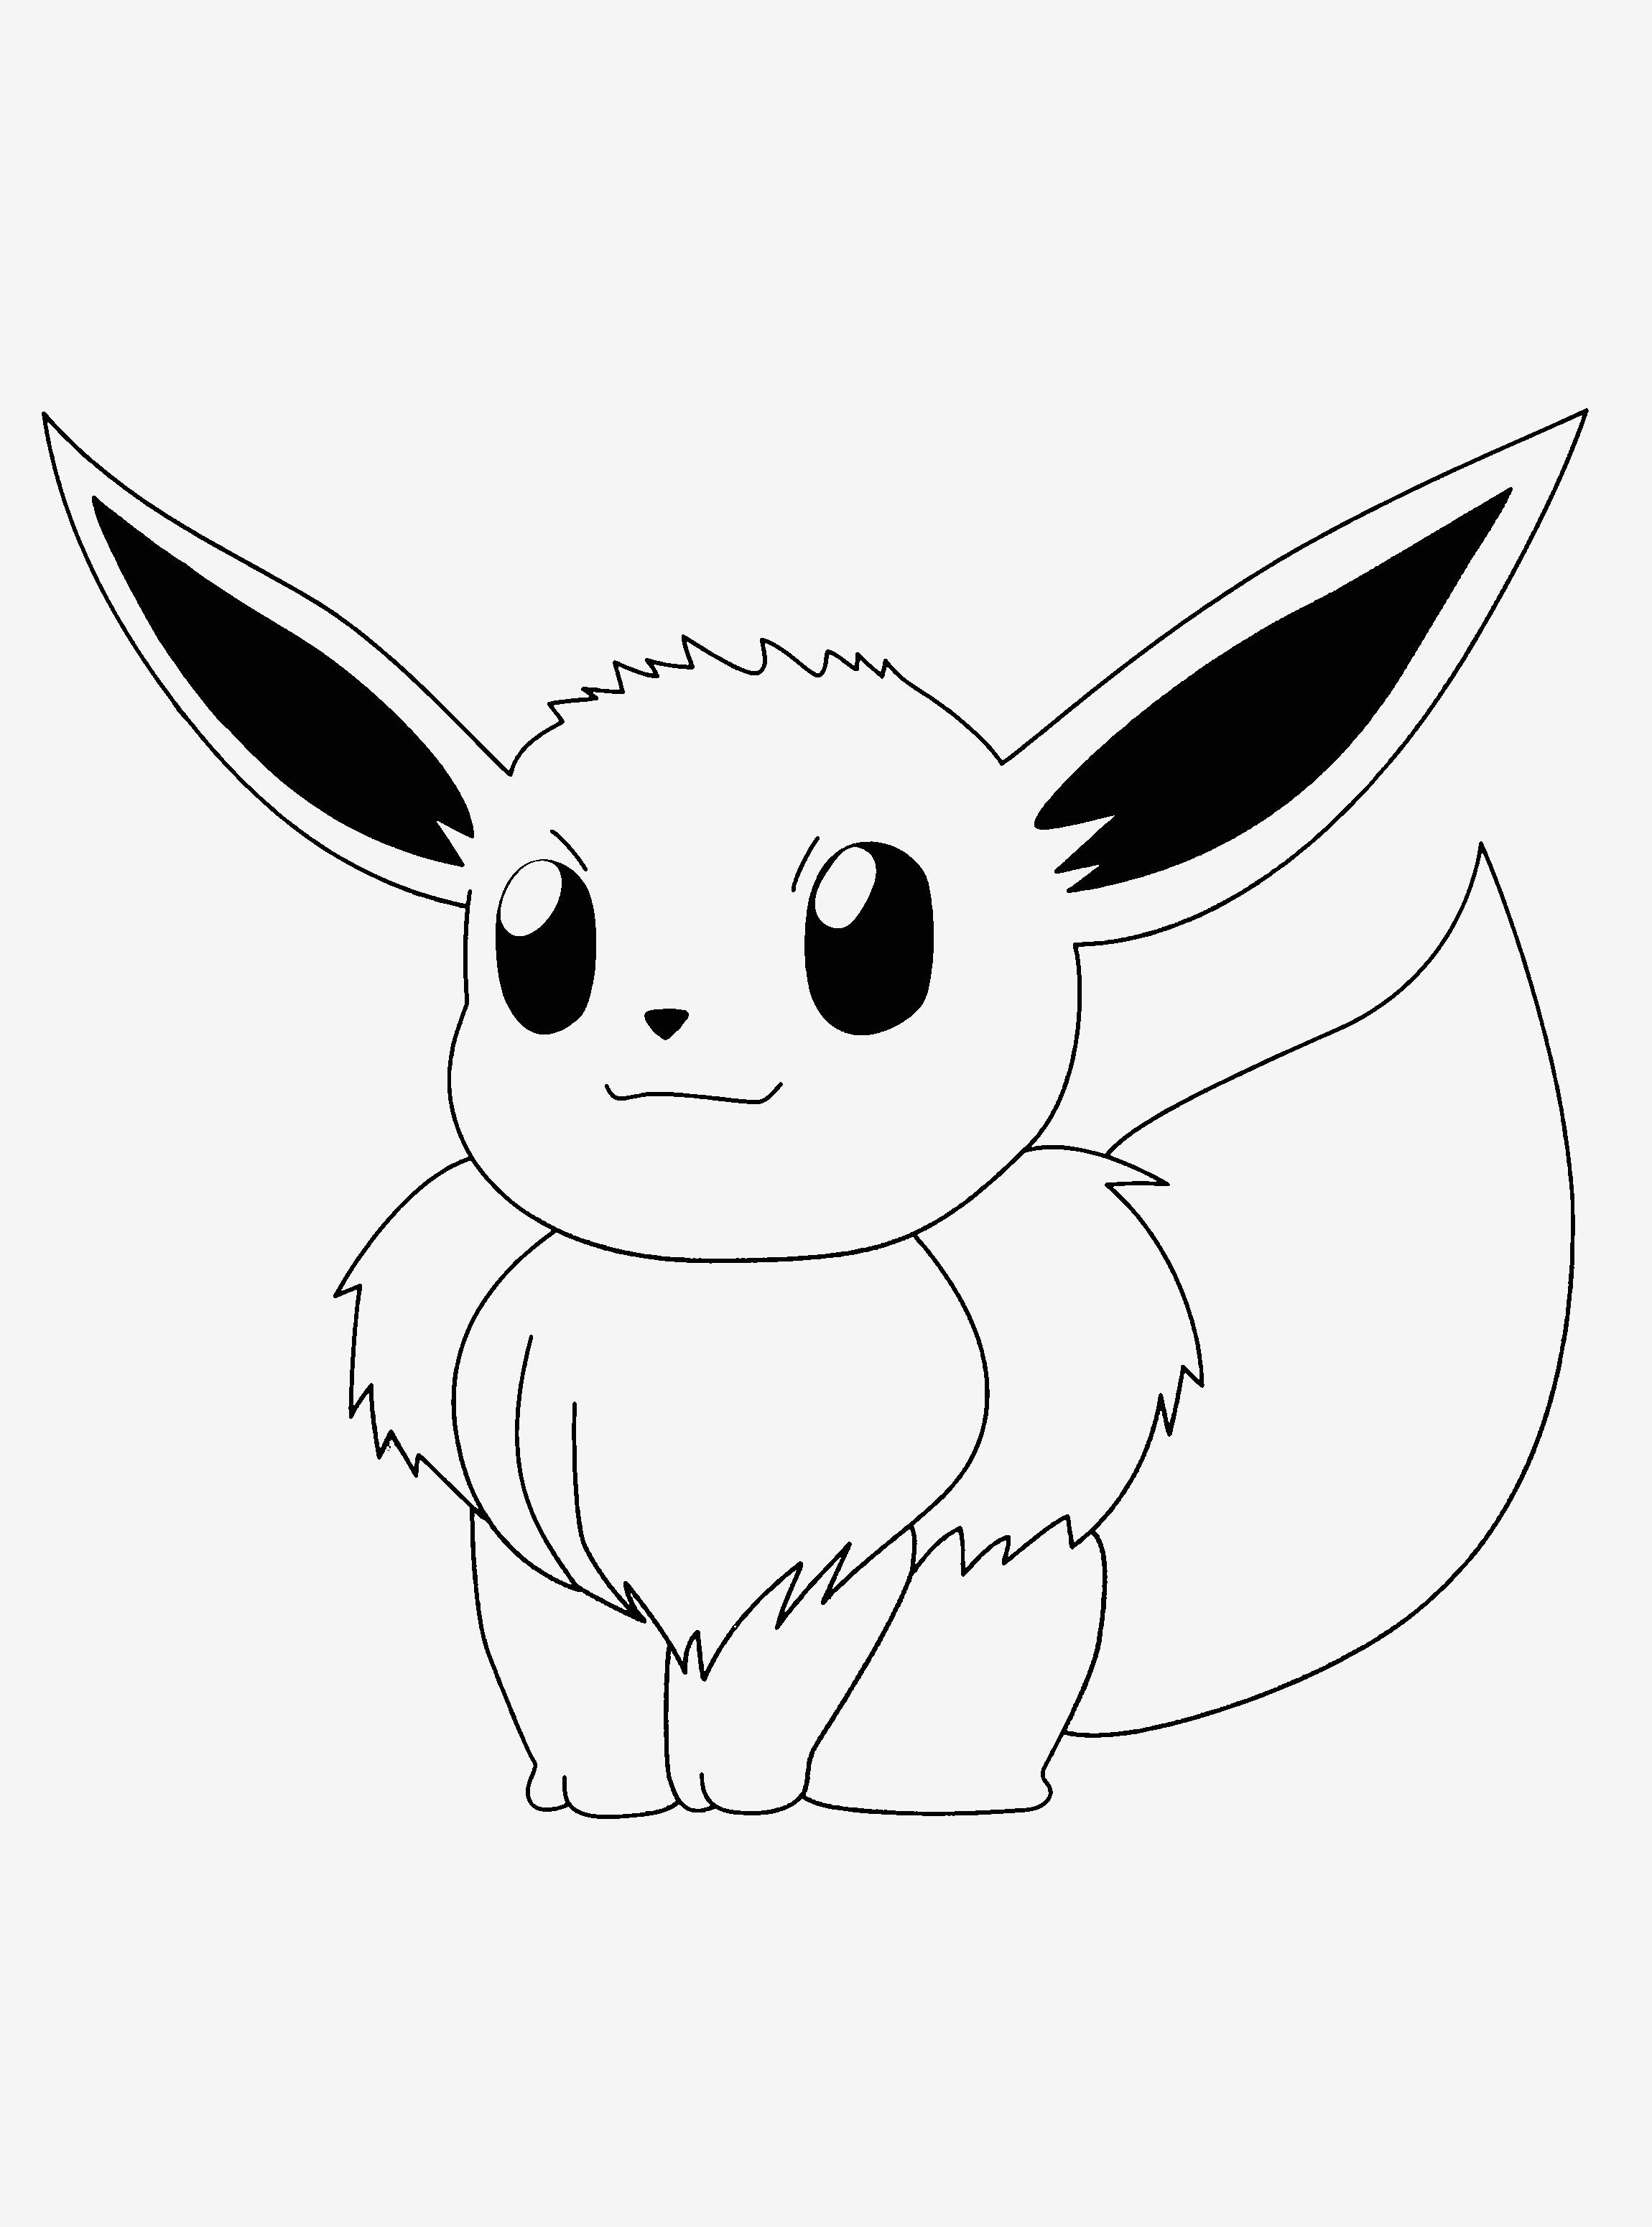 Pokemon Ausmalbilder Kostenlos Genial Verschiedene Bilder Färben Pokemon Malvorlagen Stock